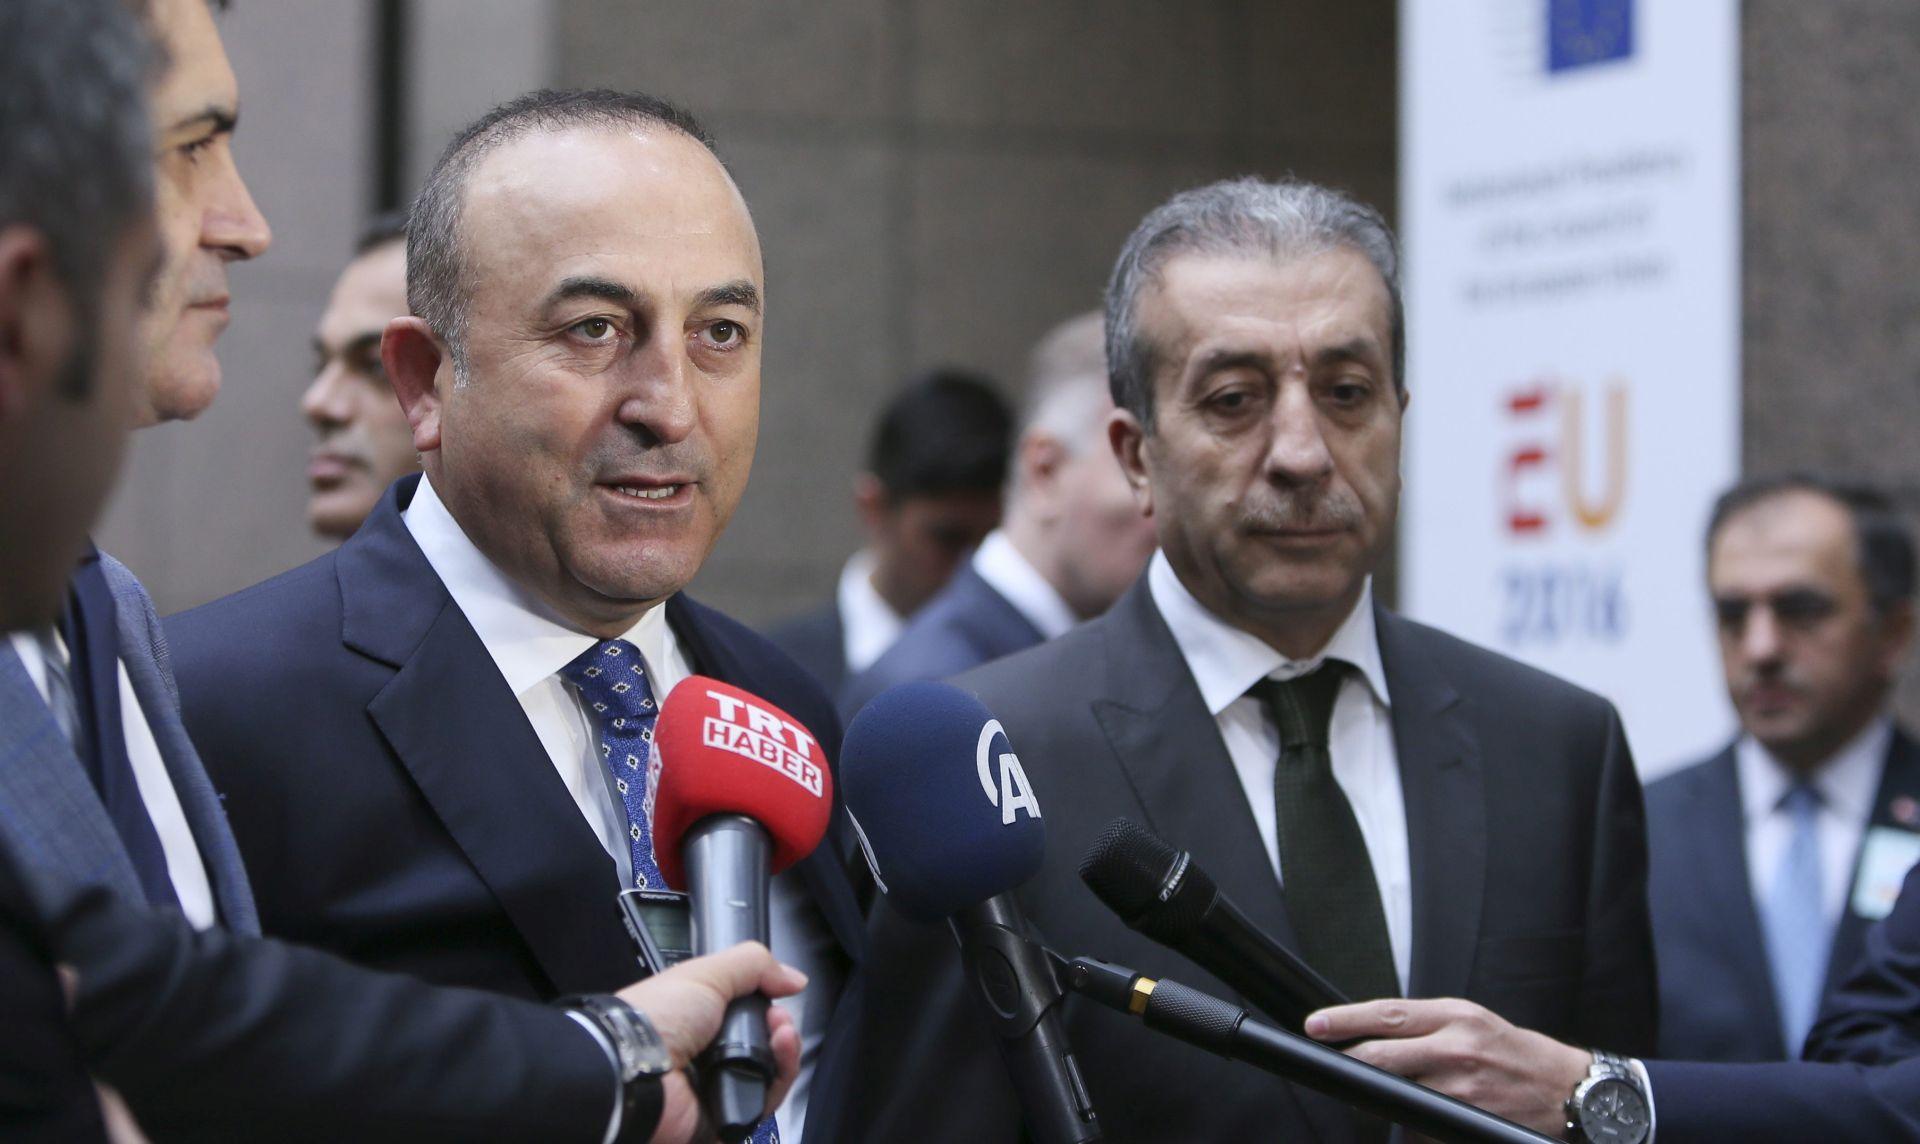 Turska odbacuje pritisak EU-a oko protuterorističkih zakona